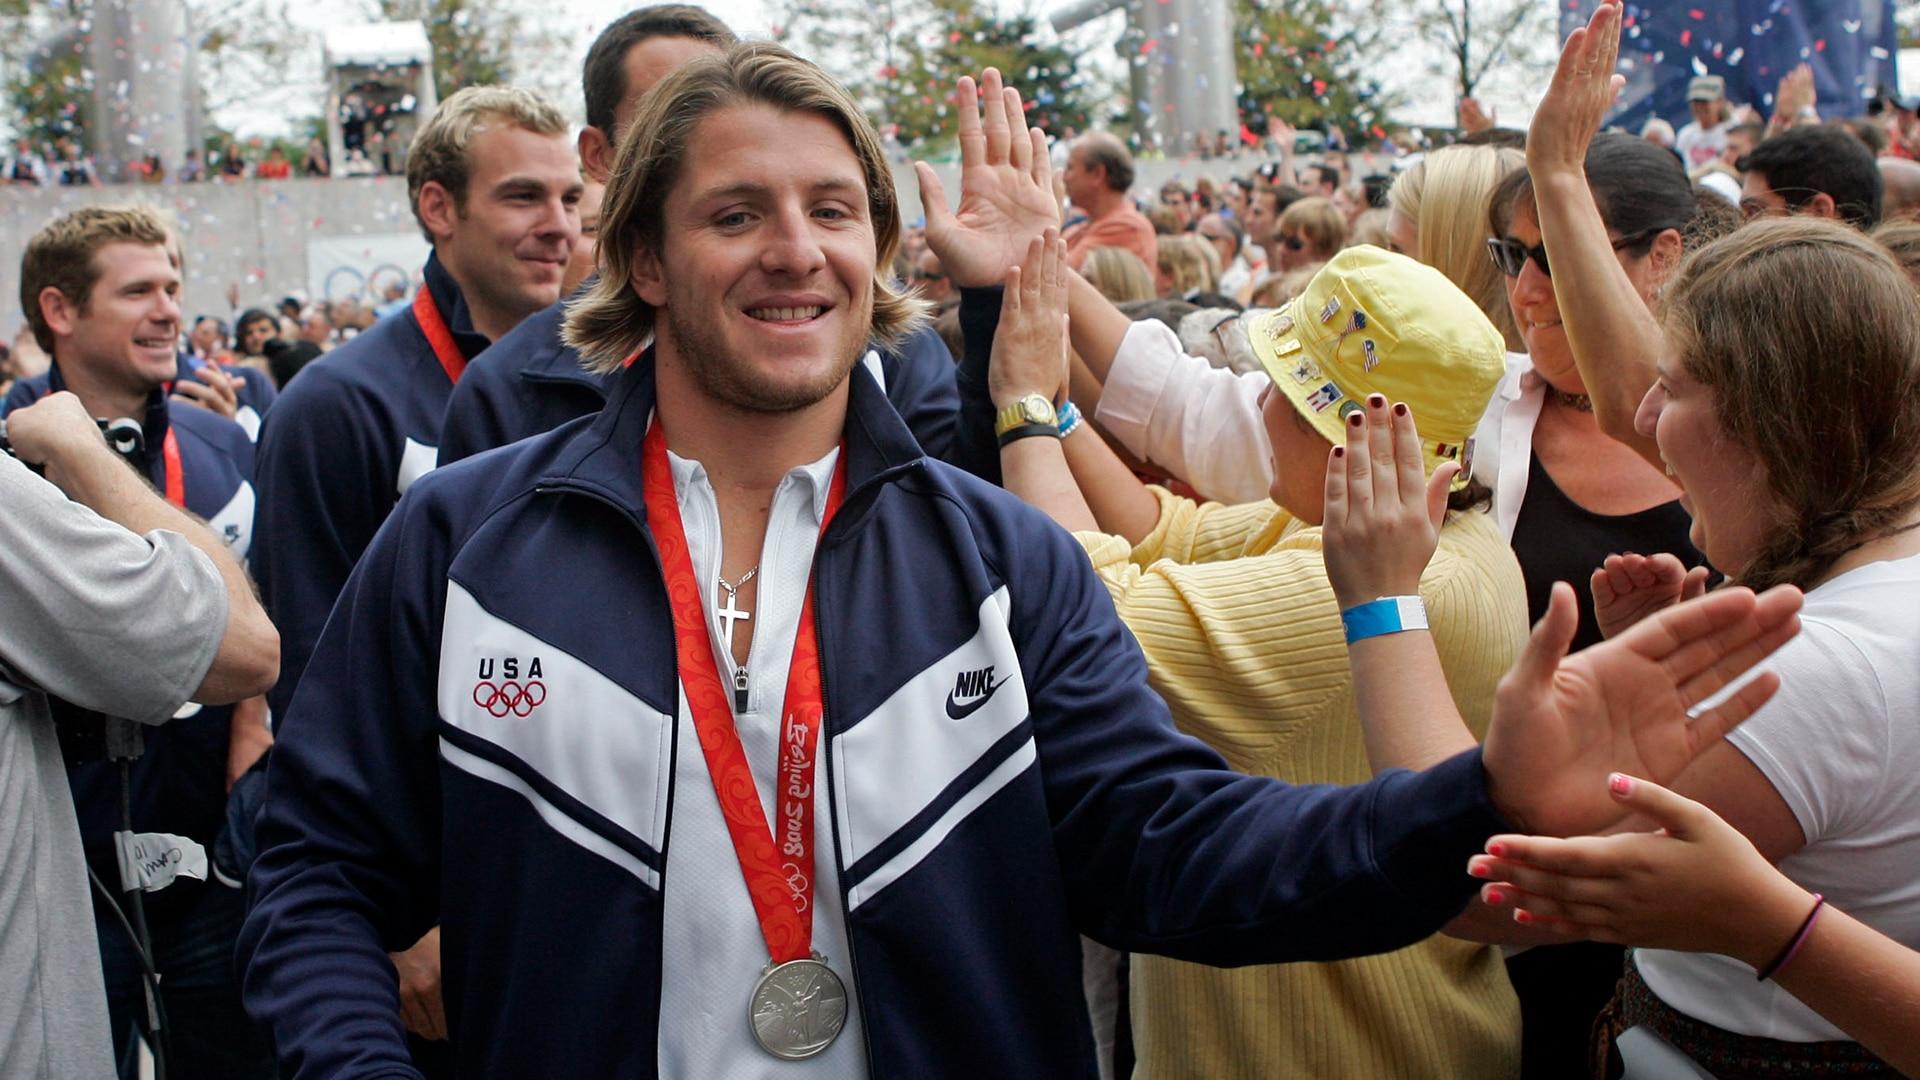 Tony Azevedo celebrates winning water polo silver at the 2008 Beijing Olympics